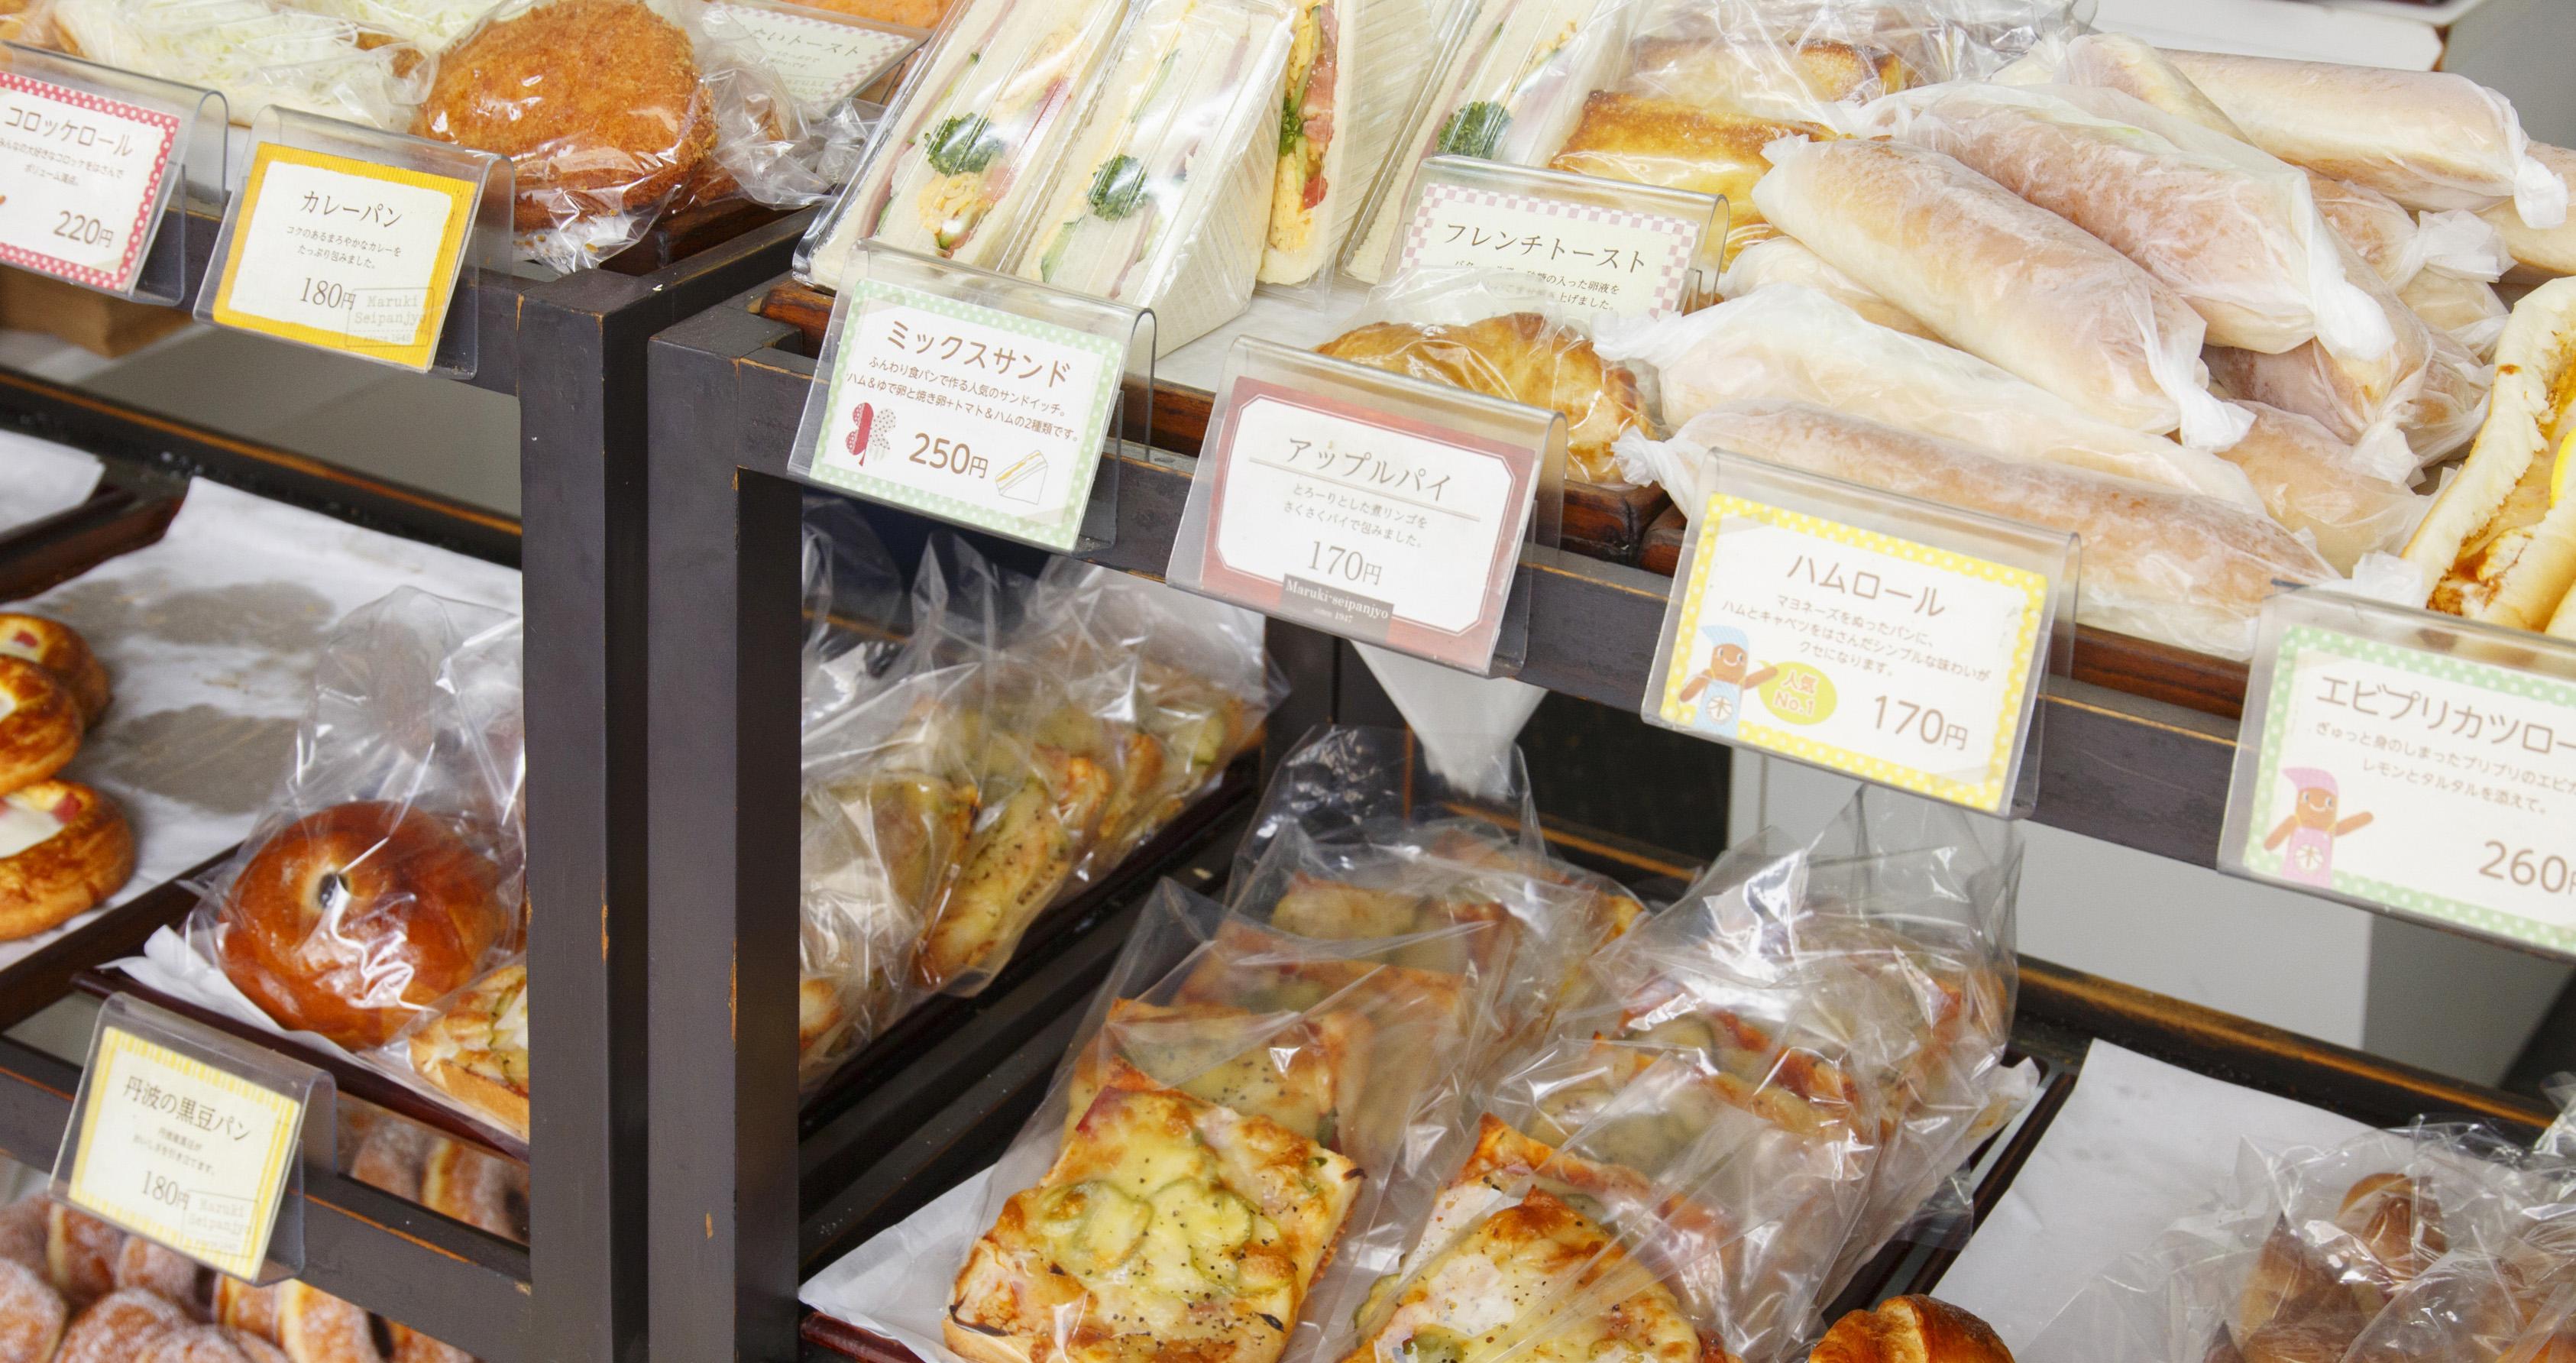 まるき製パン所のパン売り場写真